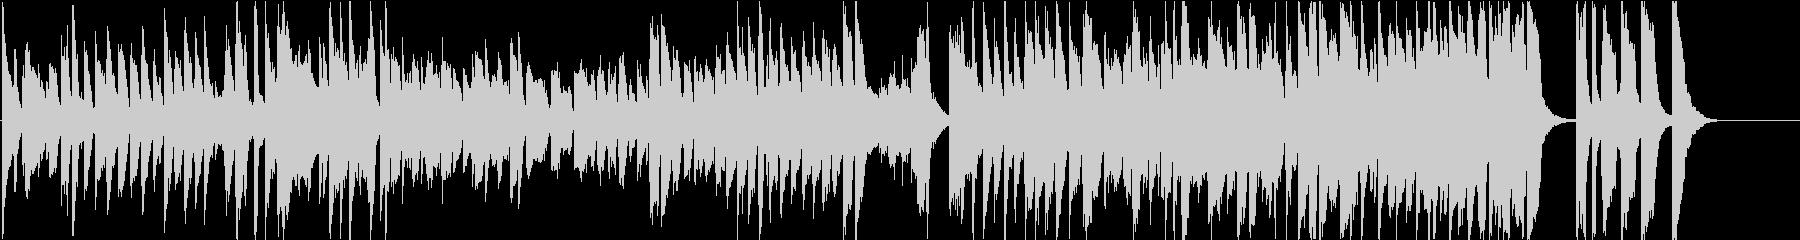 「英雄ポロネーズ」後半部分(ホール)の未再生の波形